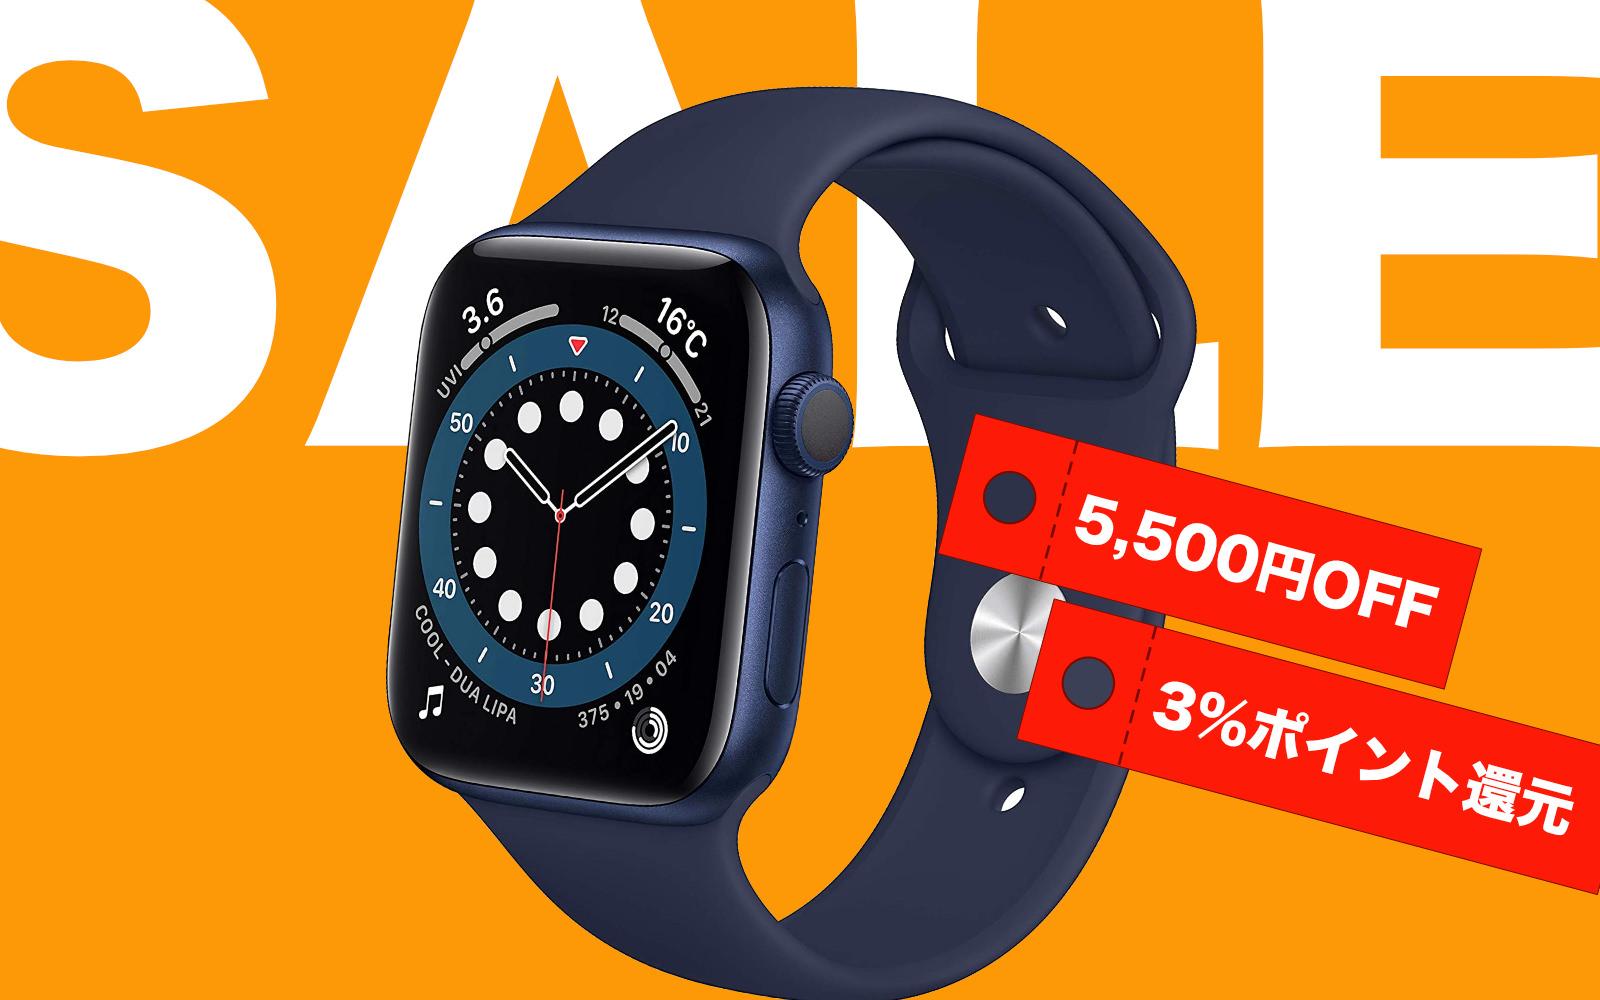 Apple Watch Sale 5500yen off